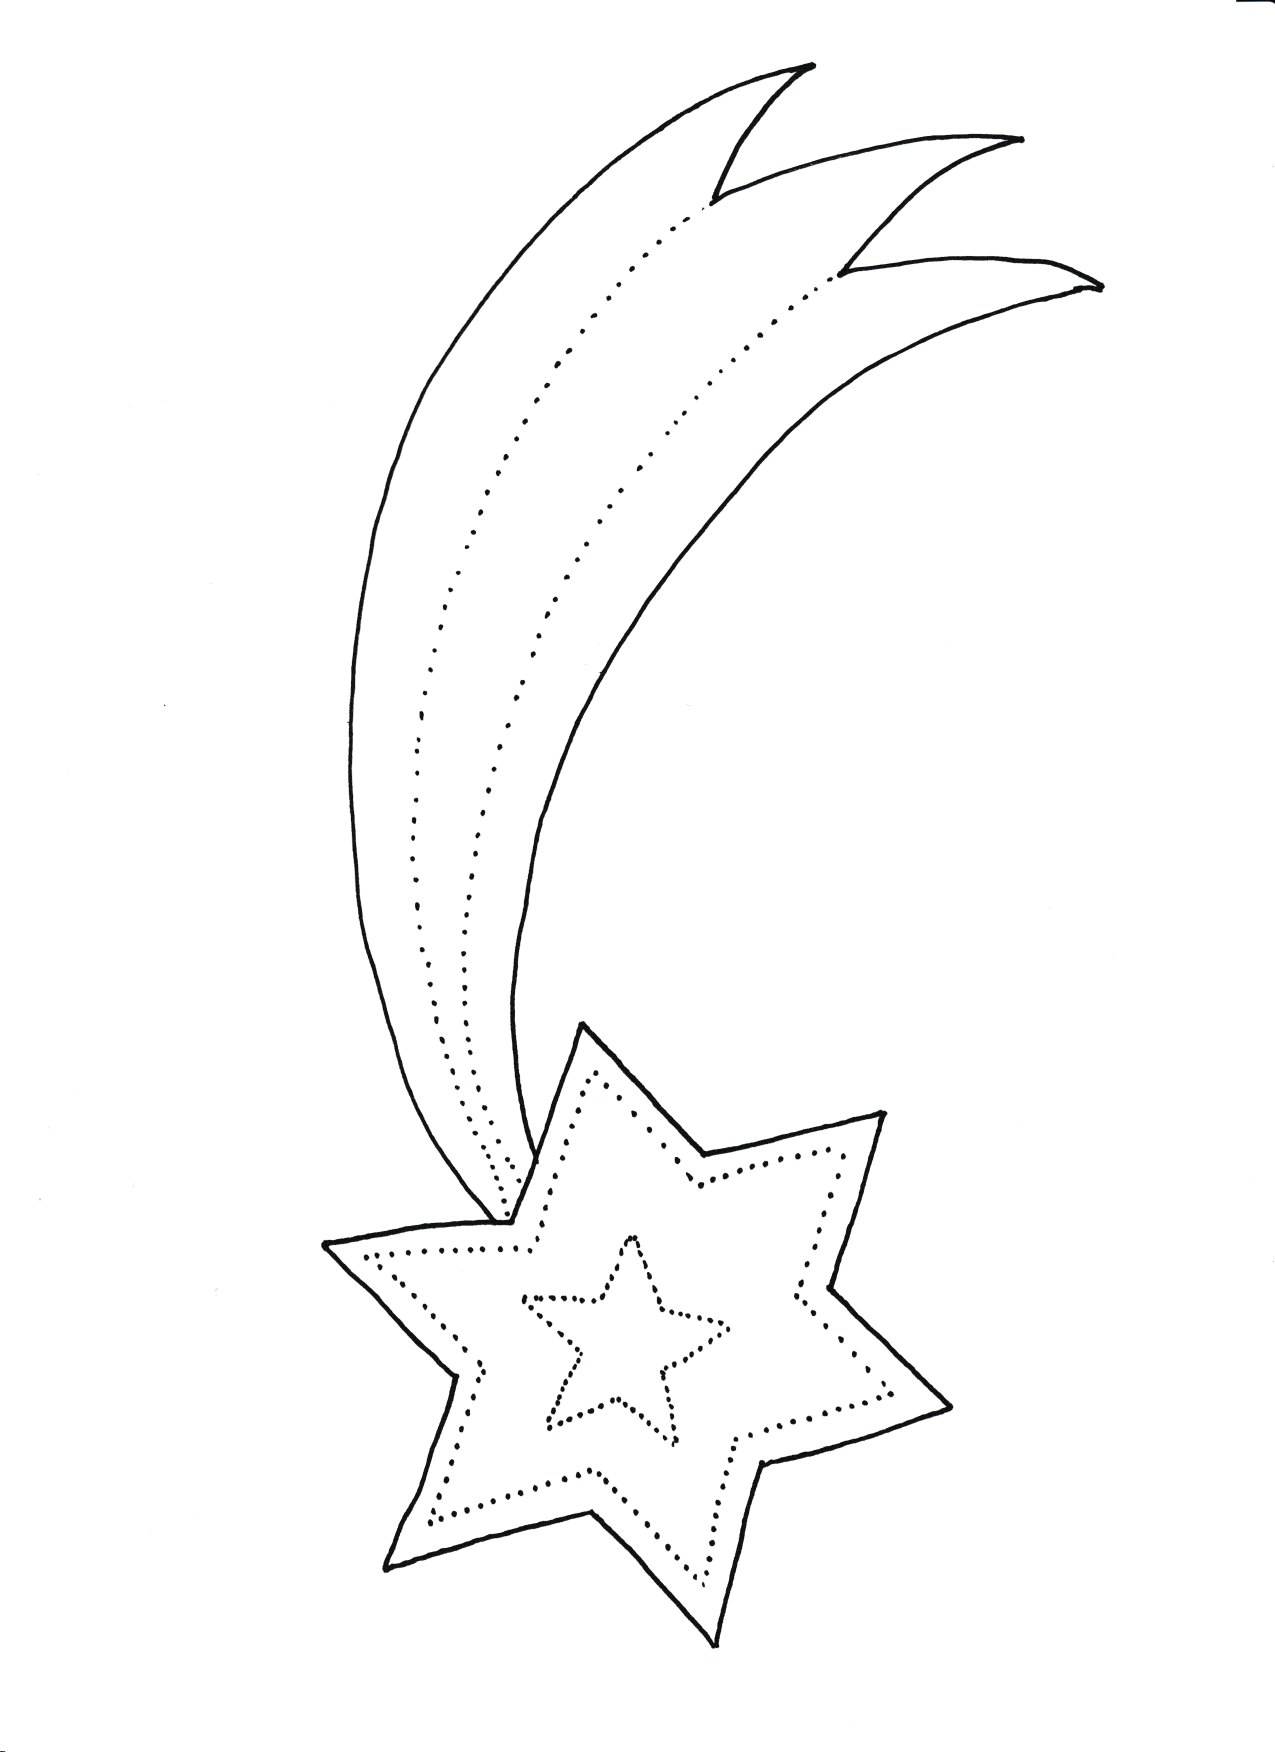 kart pracy święta, gwiazda betlejemska kolorowanka, szablon do druku